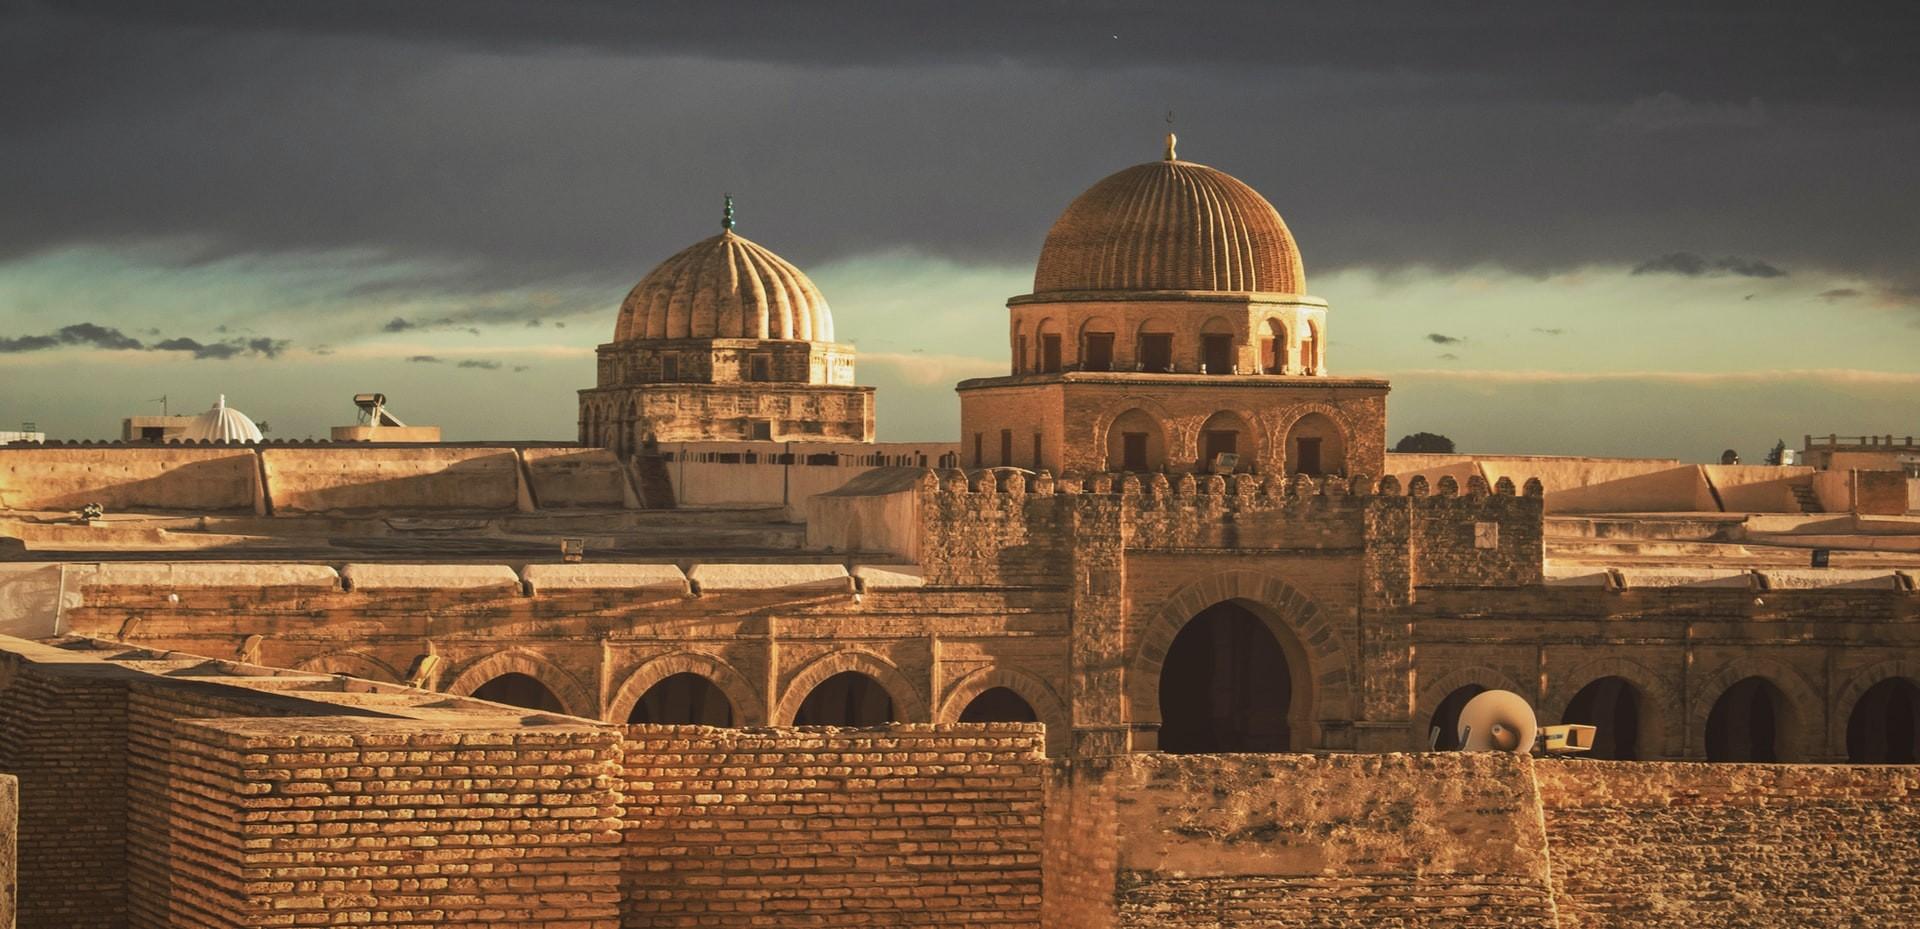 Masjid Okba Mosque Kairouan Tunisia